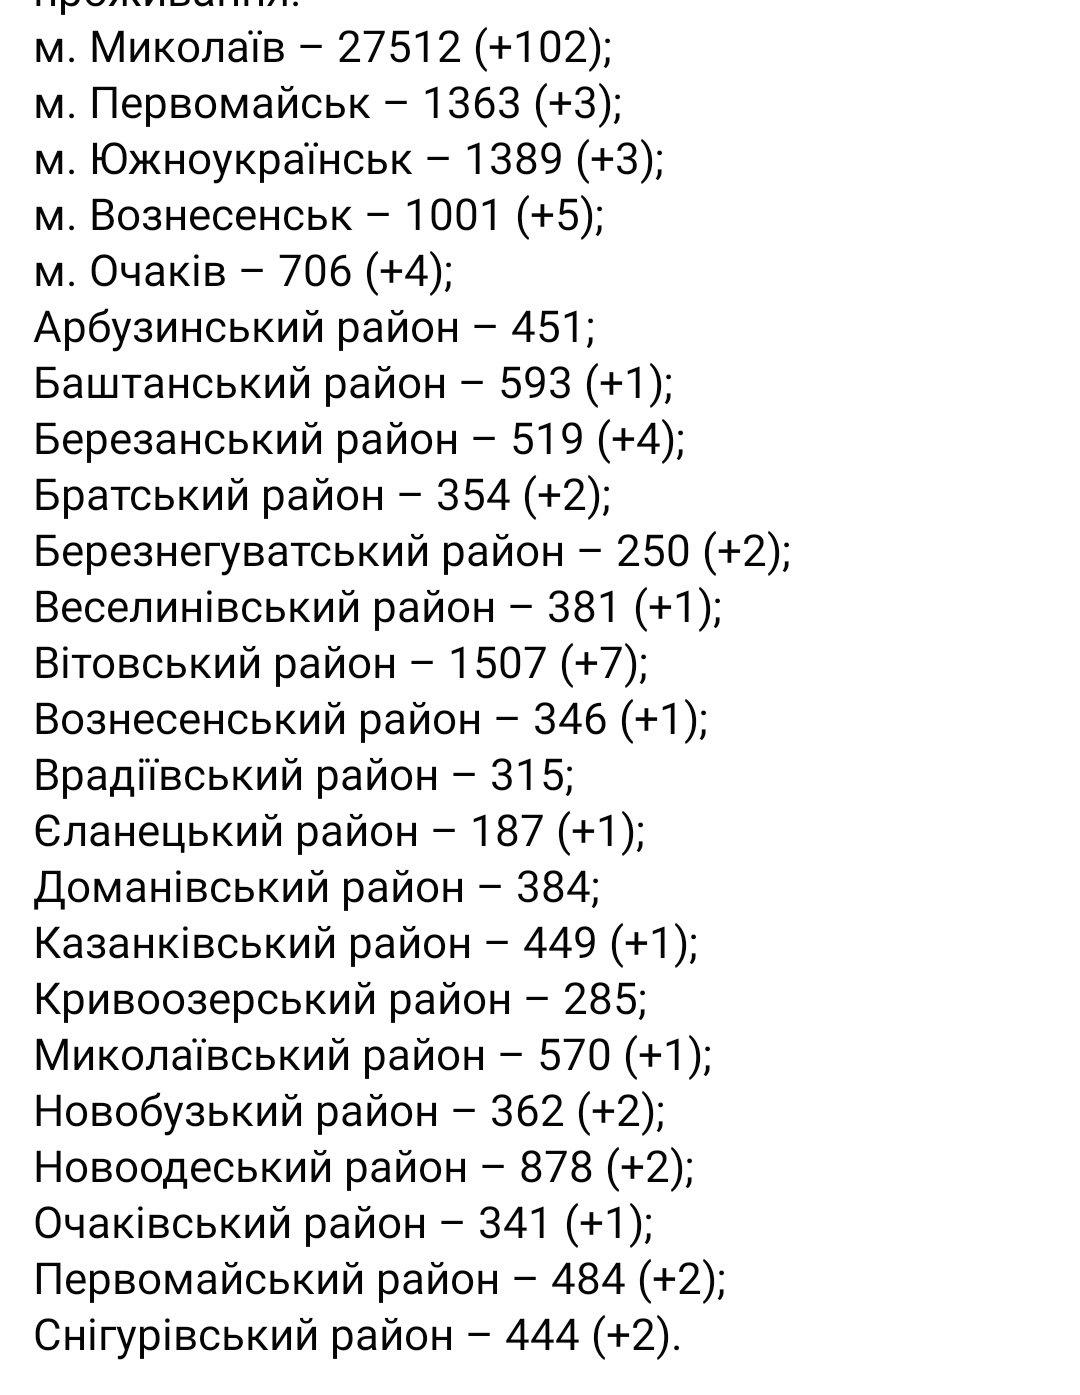 Коронавирус статистика, Статистика по области 21 февраля